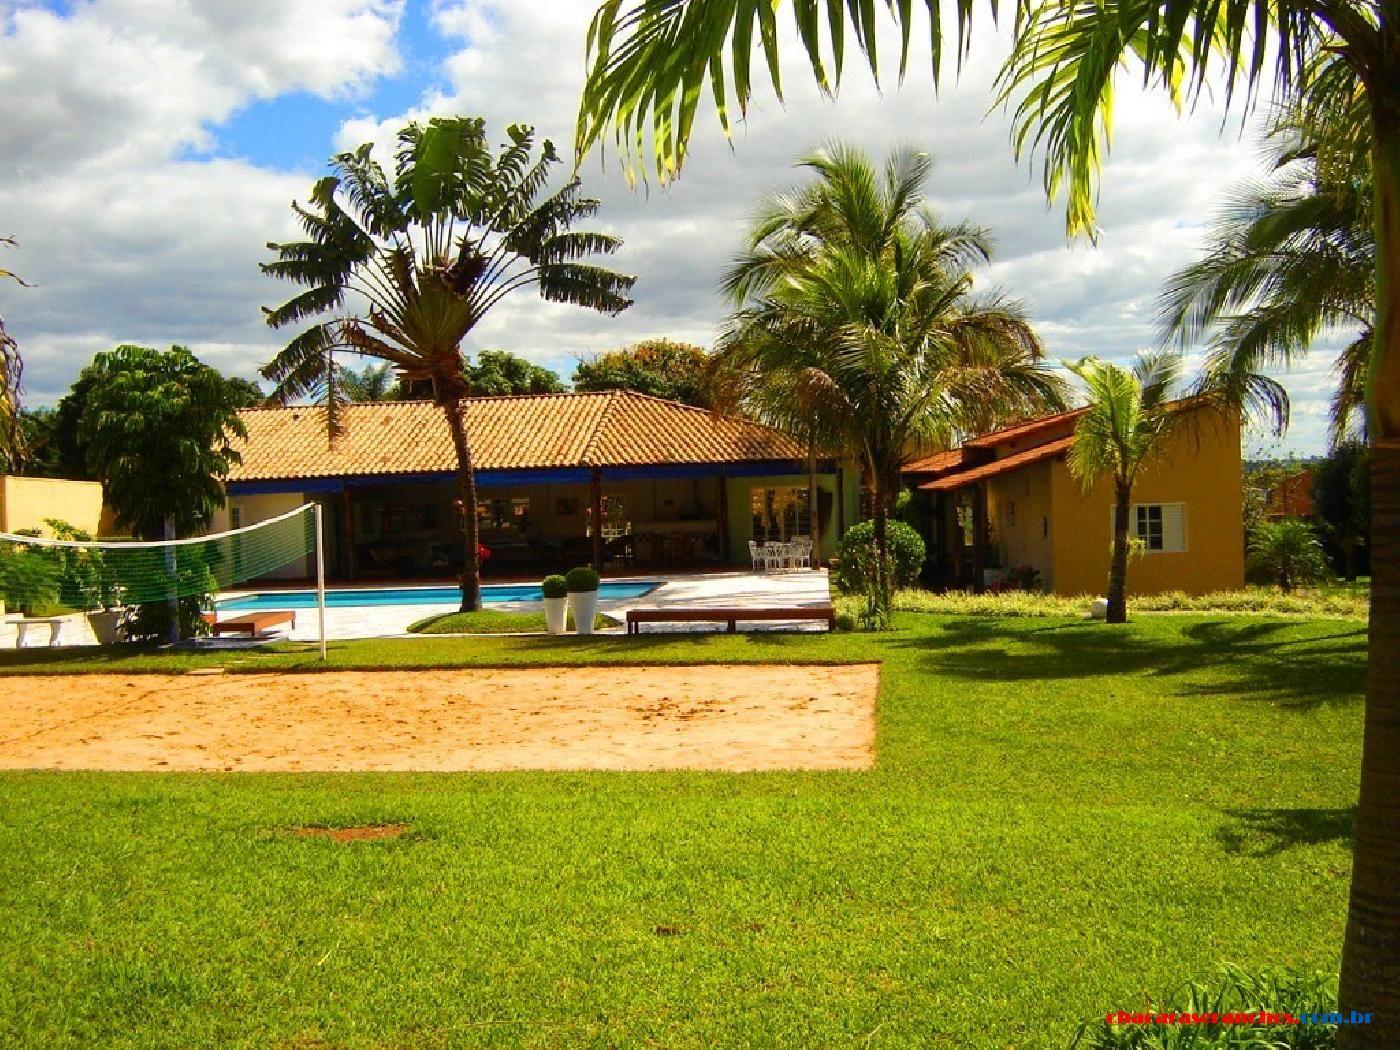 Santa Rita Com Imagens Volei De Areia Casas De Fazenda